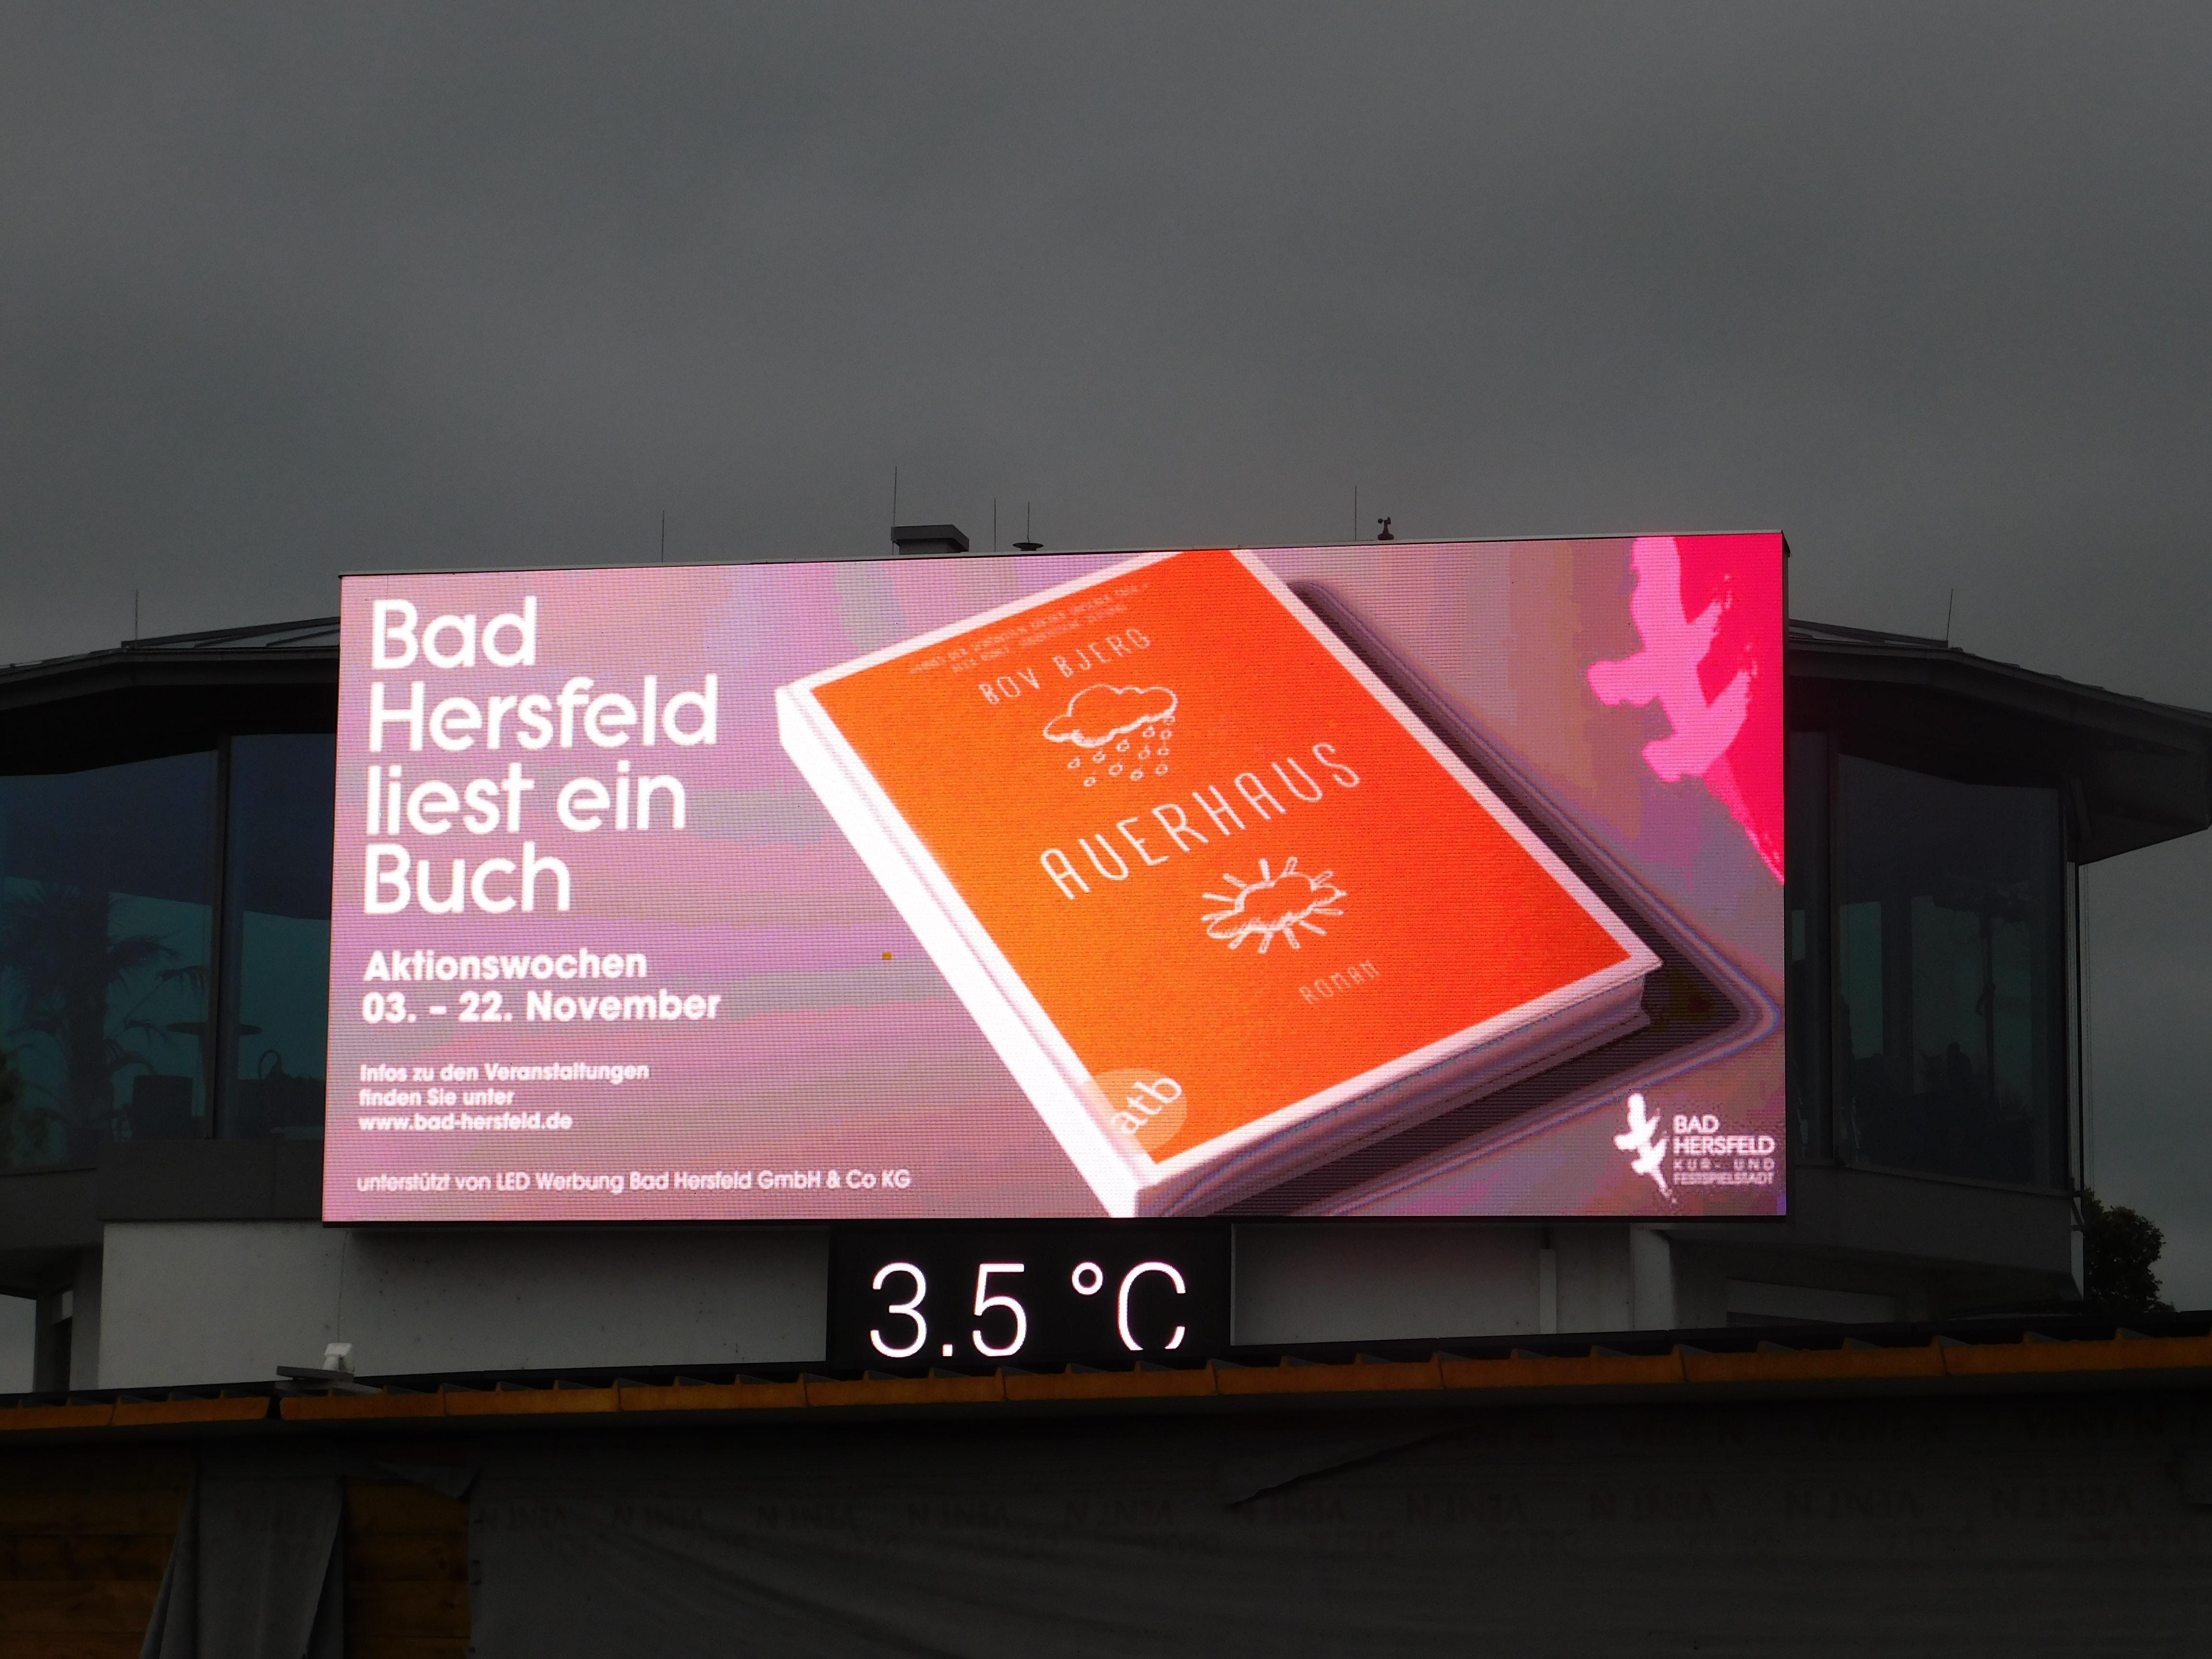 LED Werbewand Bad Hersfeld Geschäftsführung Robert Krumme